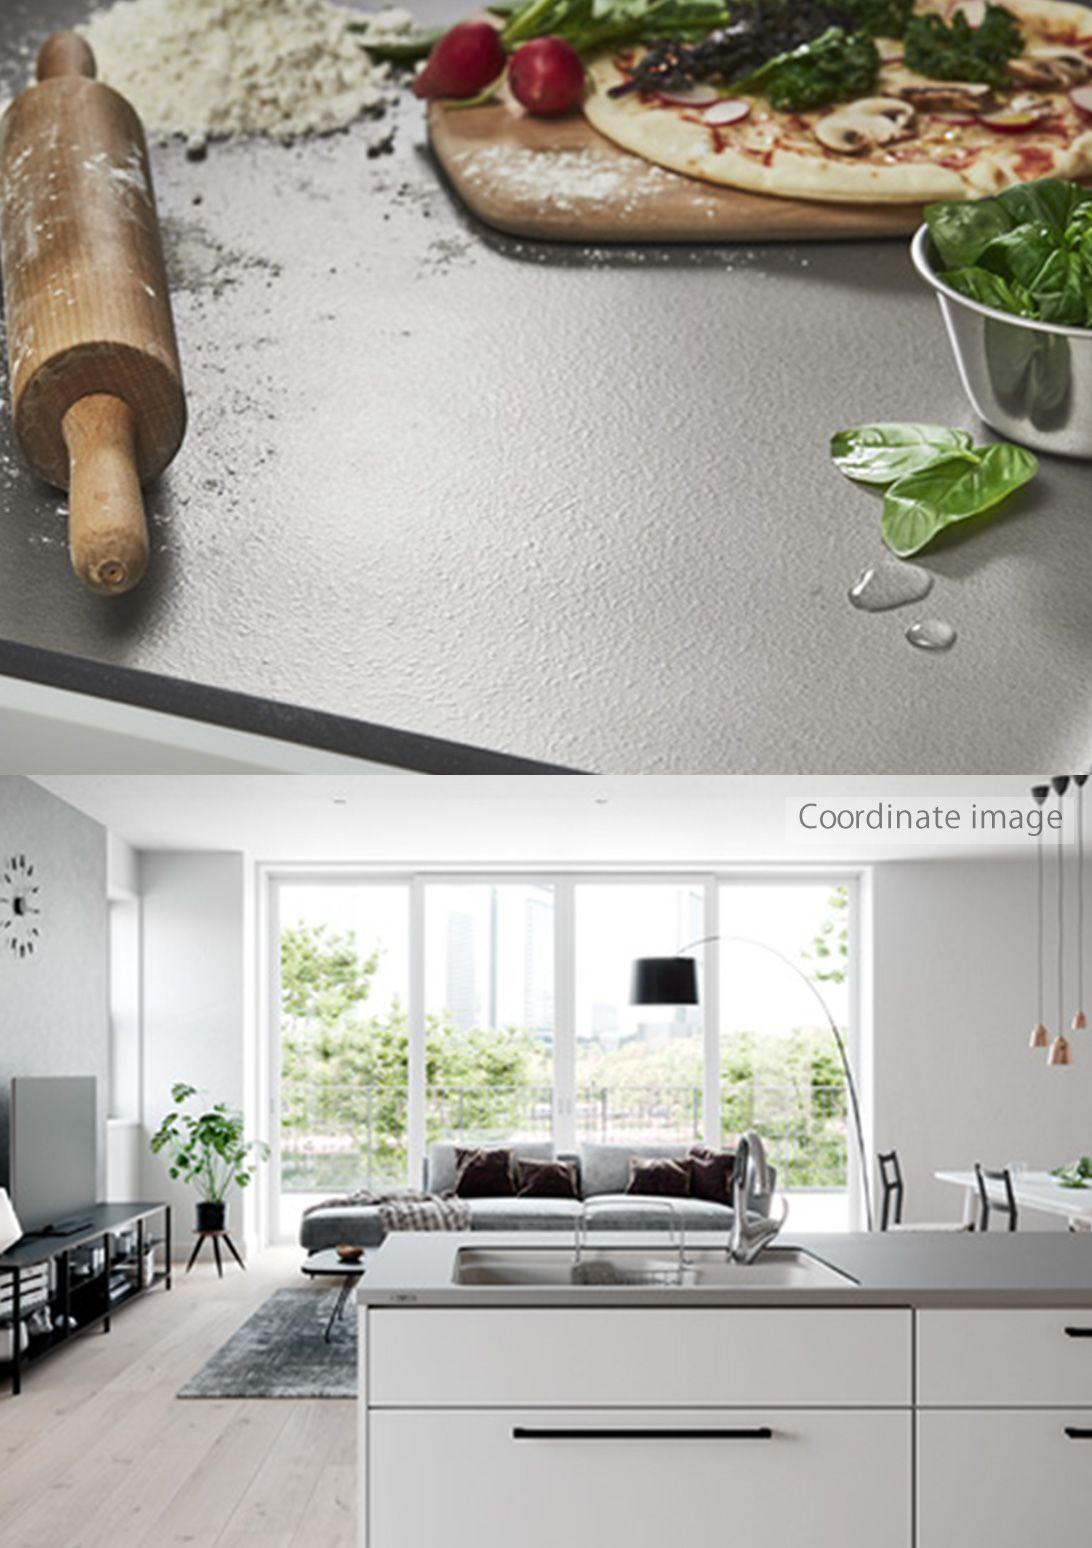 キッチンカウンターtenor テノール キッチンインテリアデザイン キッチンデザイン キッチン